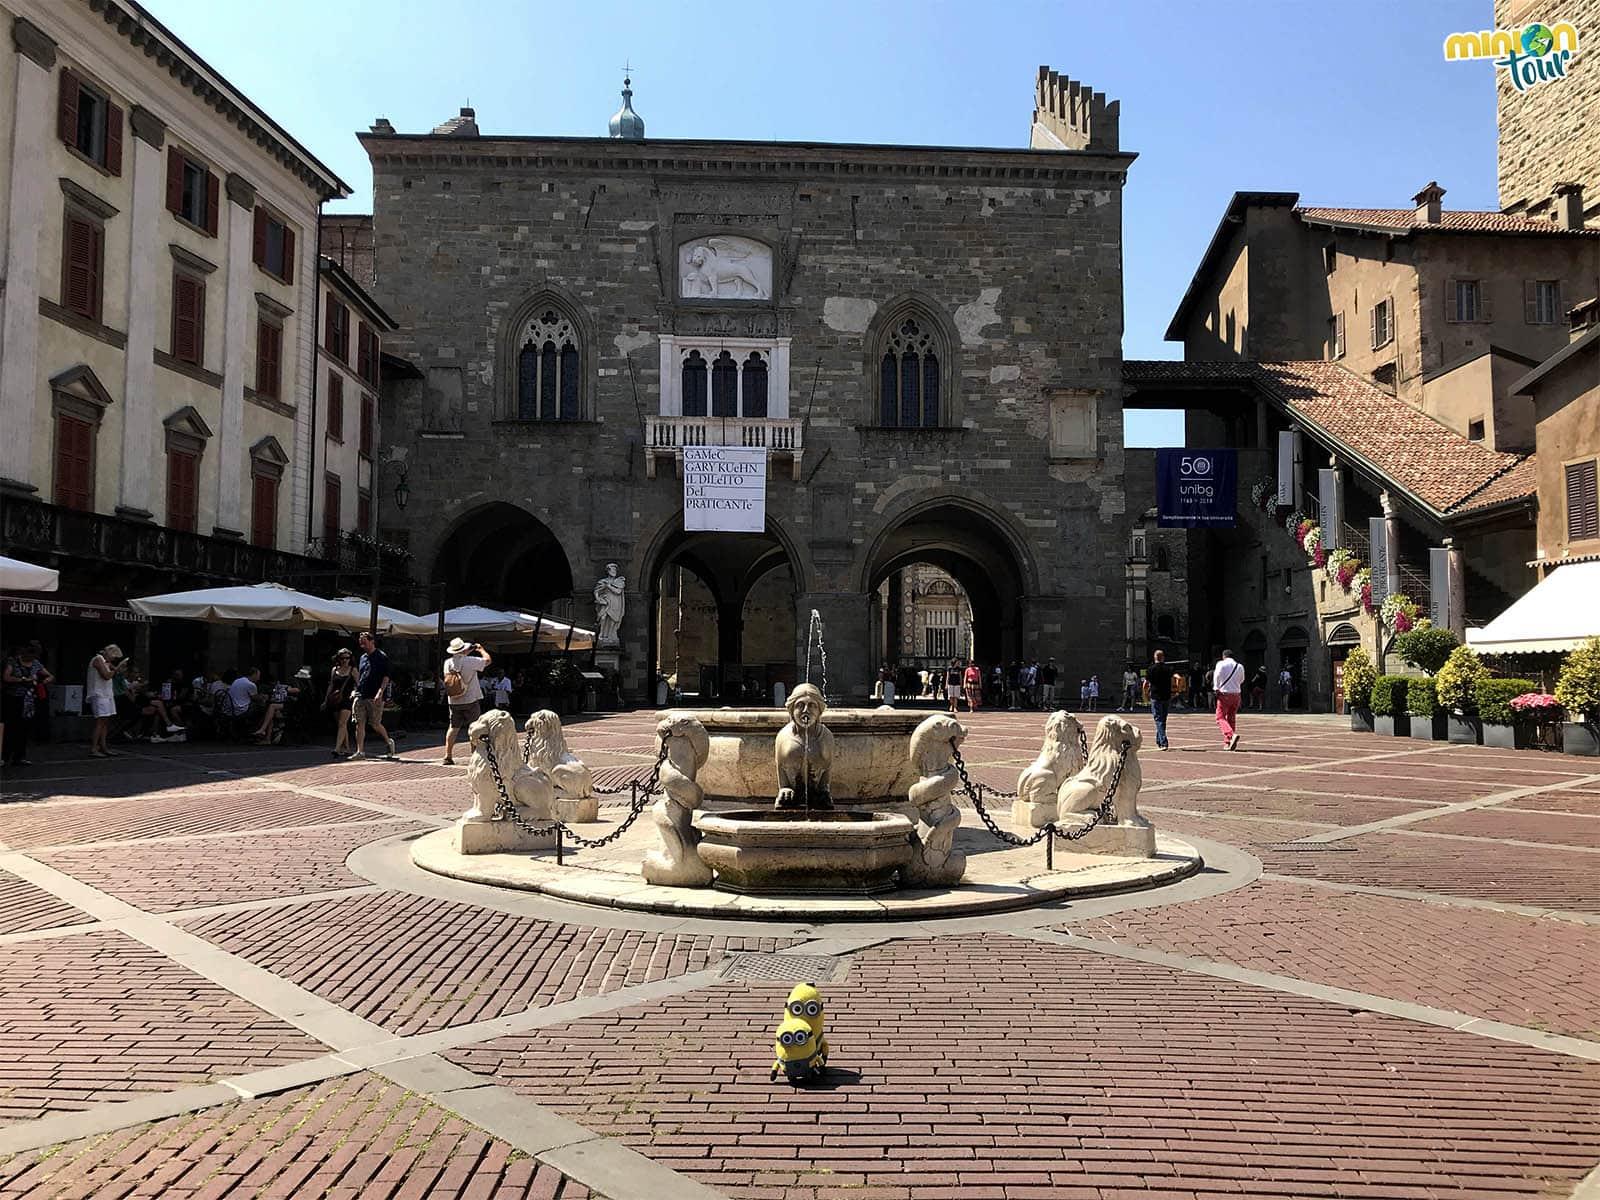 En tu lista de cosas que ver en Bérgamo no puede faltar la Piazza Vecchia